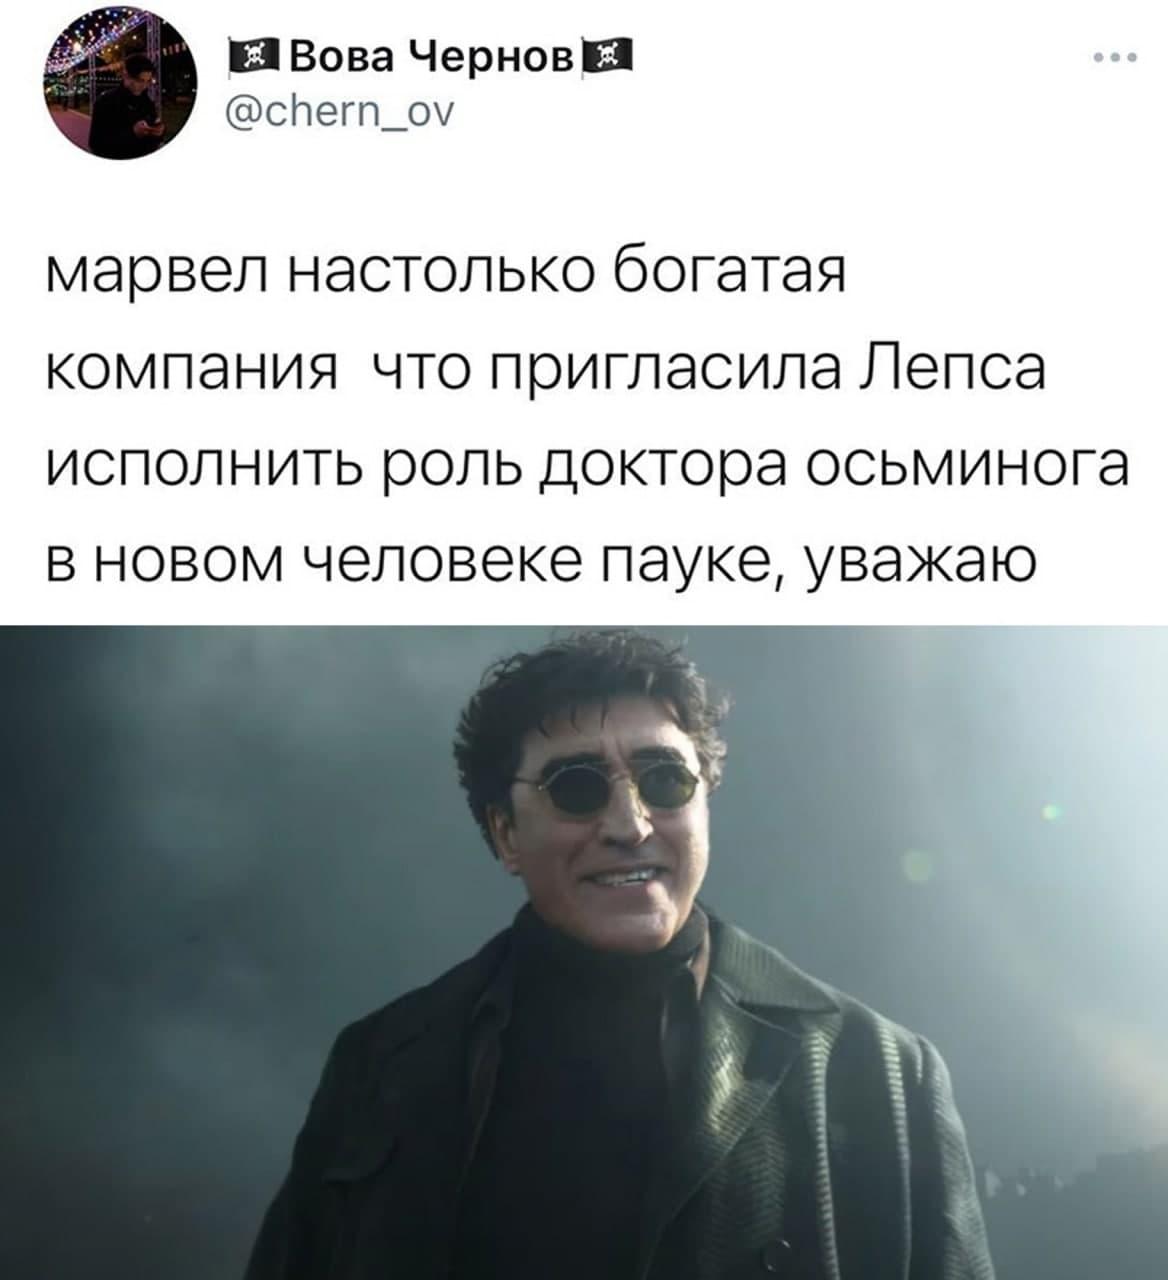 Доктор Осьминог Лепс мемы